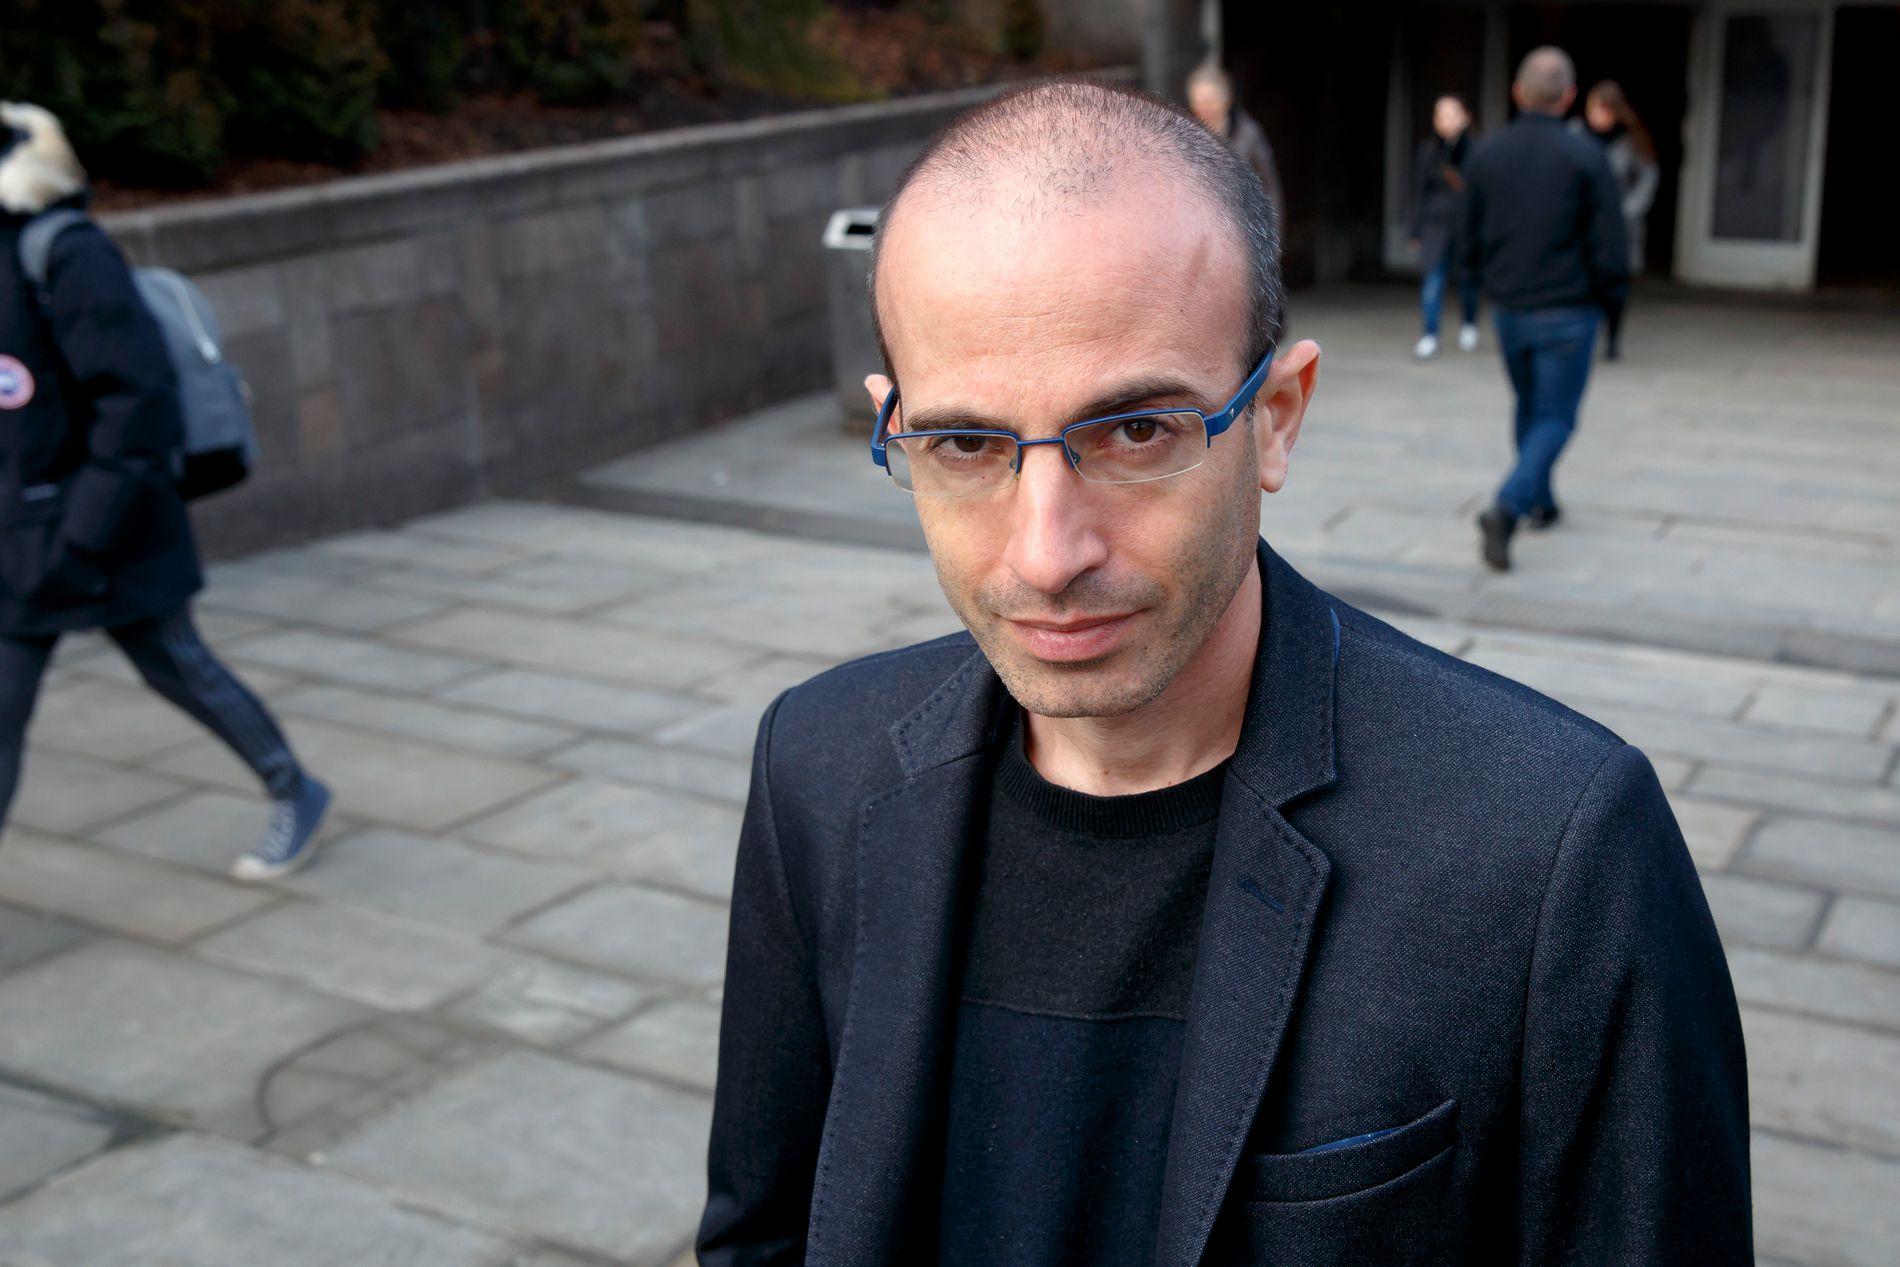 INSPIRERENDE: VGs anmelder mener Yuval Noah Hararis bok vil inspirere leseren til å lete etter eksistensielle svar.